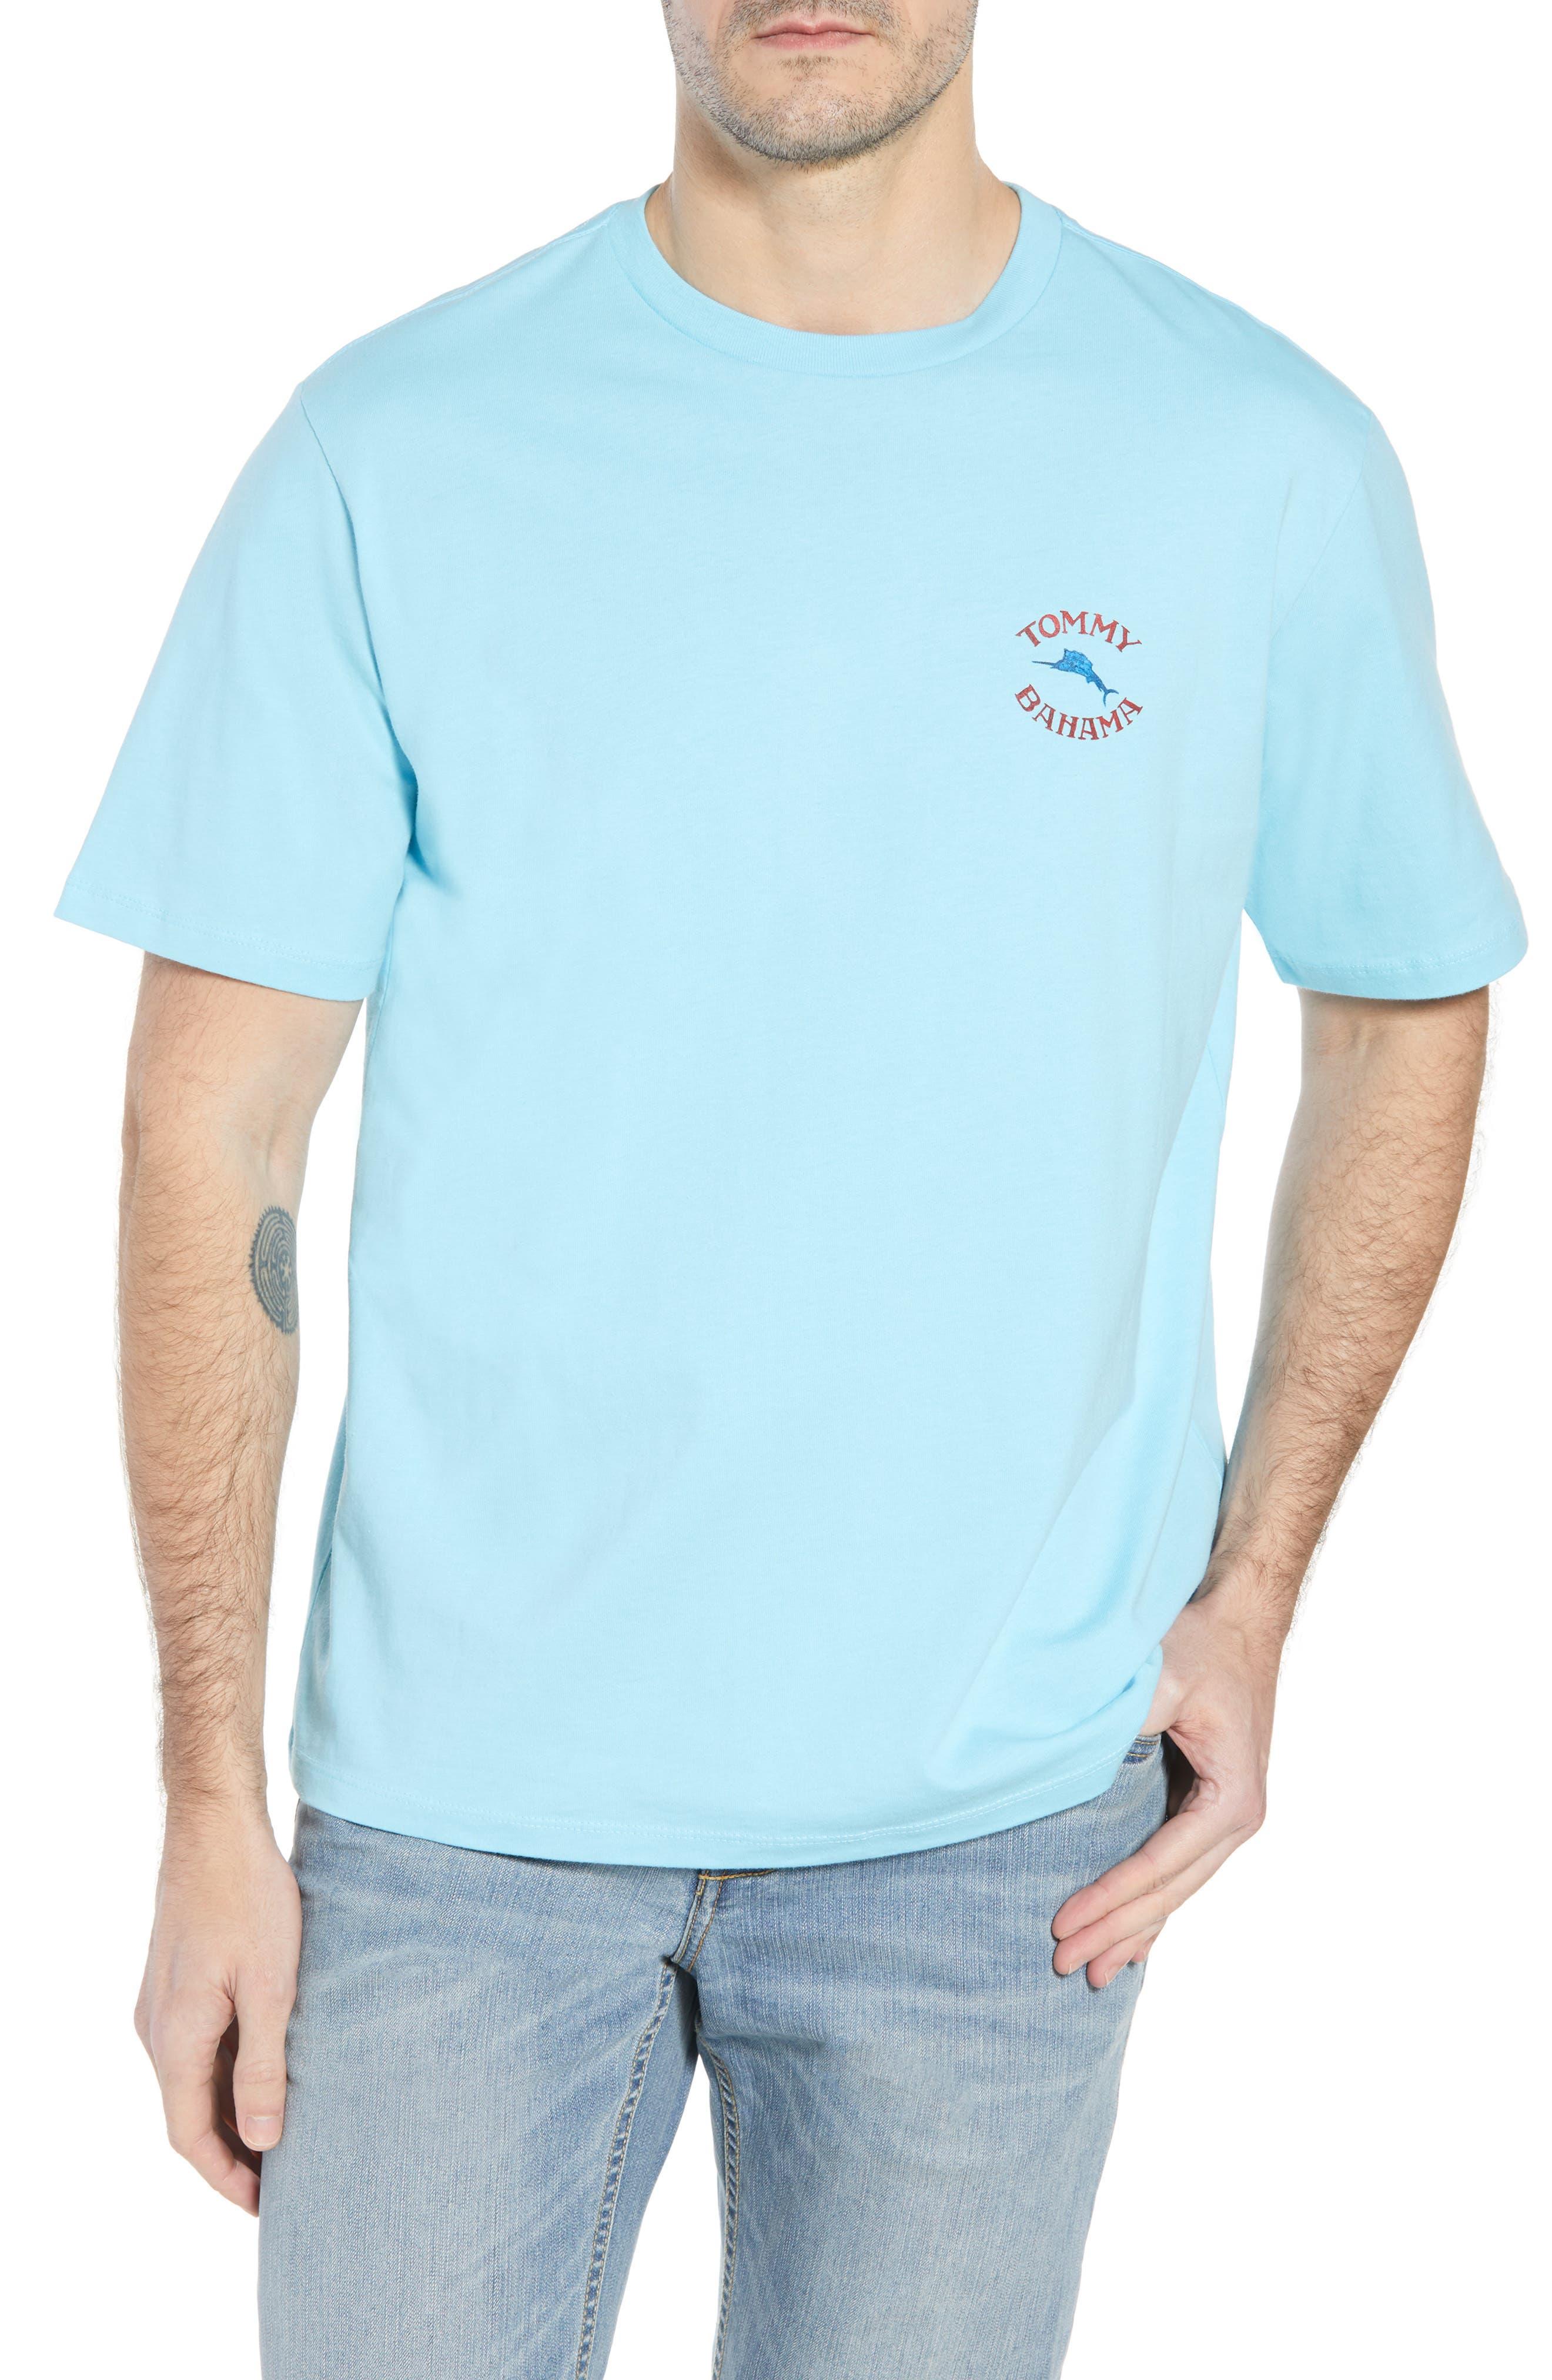 Pail-Eo Diet T-Shirt,                         Main,                         color, Bowtie Blue